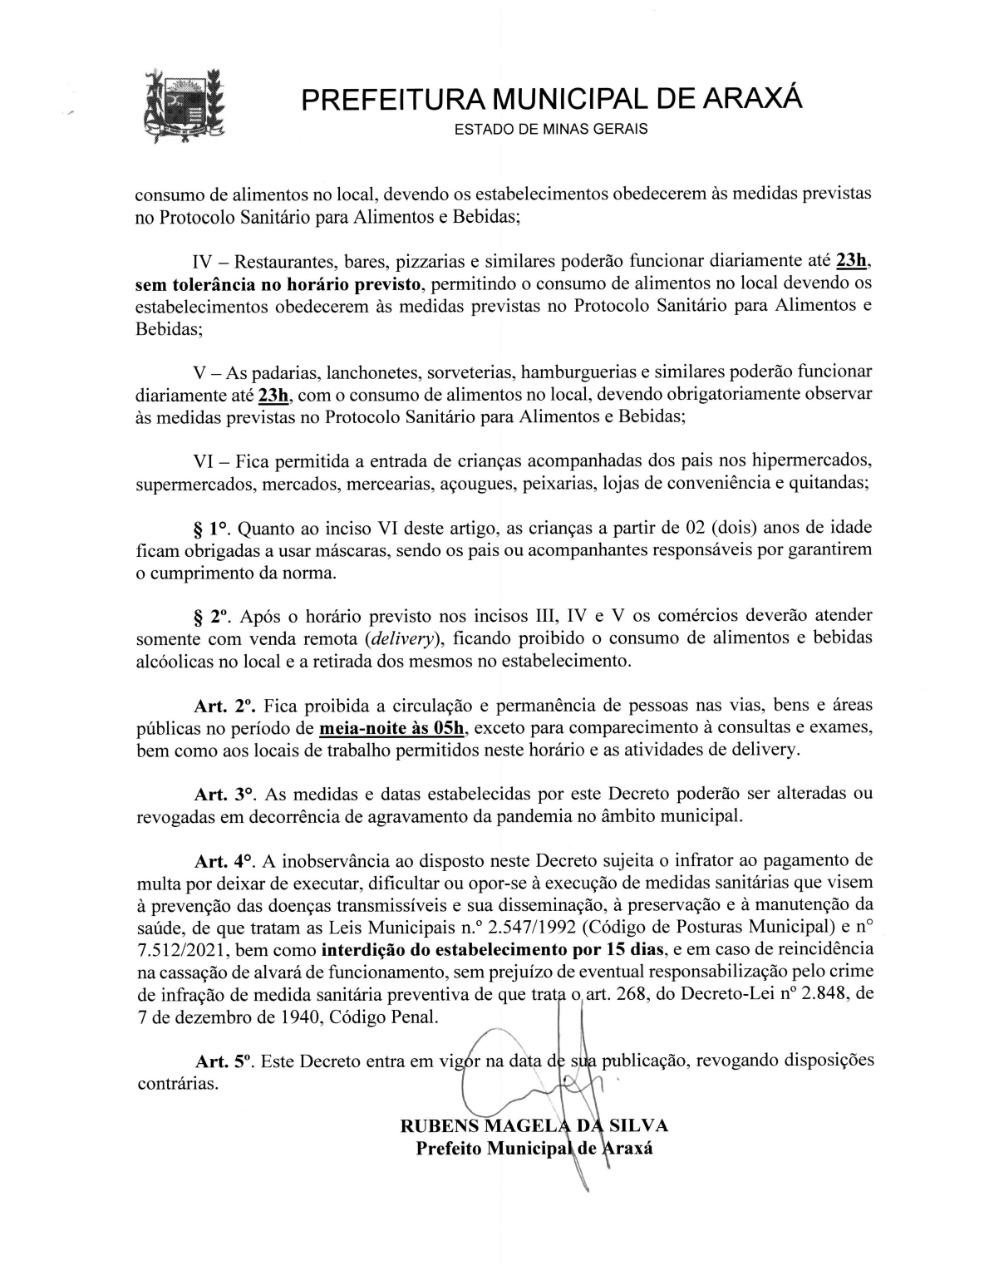 Novo decreto flexibiliza horário de funcionamento do comércio 2